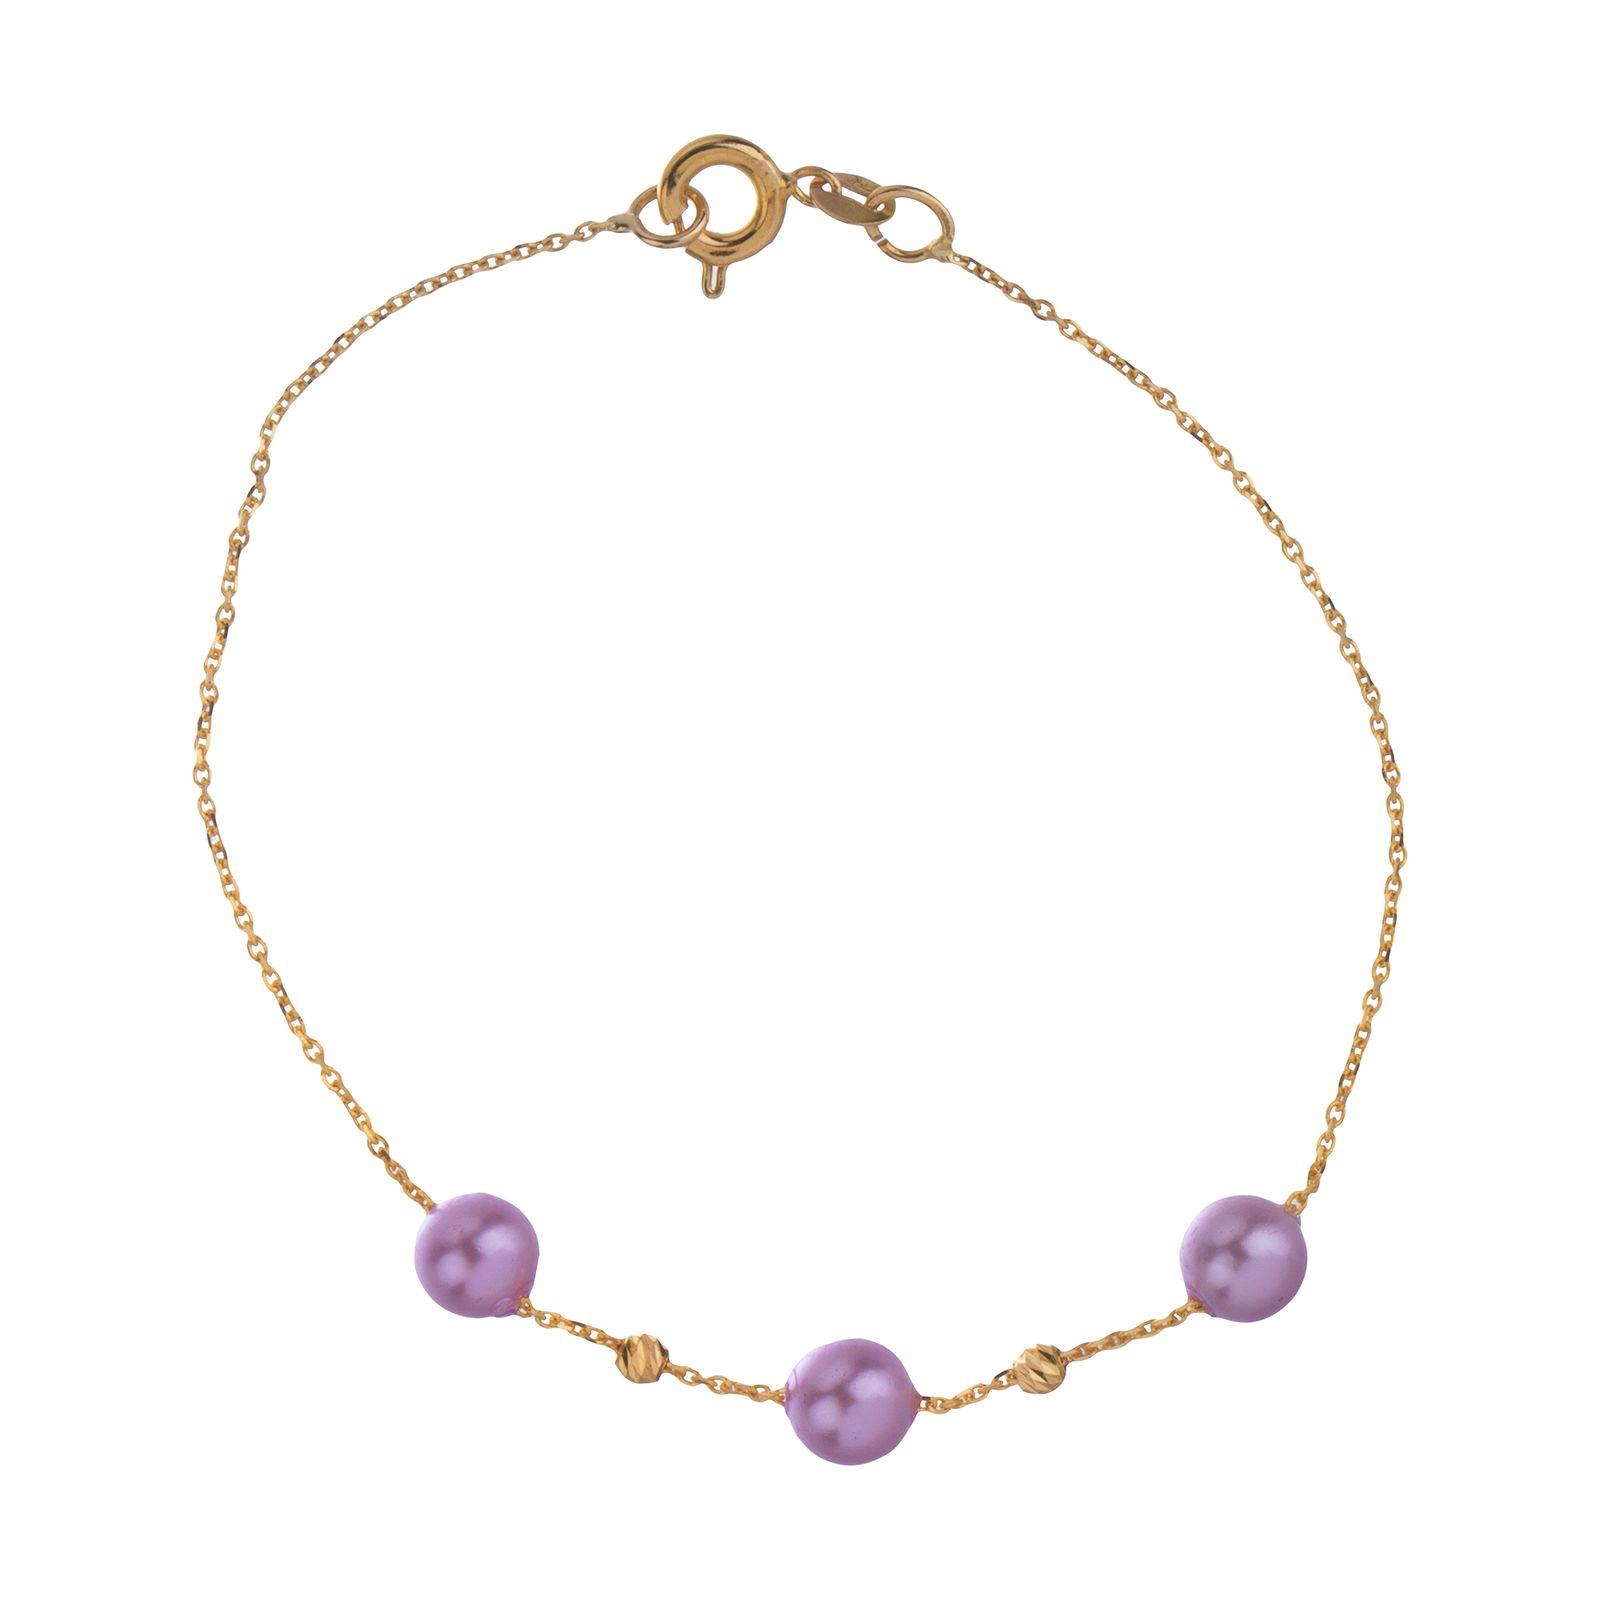 دستبند طلا 18 عیار زنانه مایا ماهک مدل ZMB1052 -  - 2